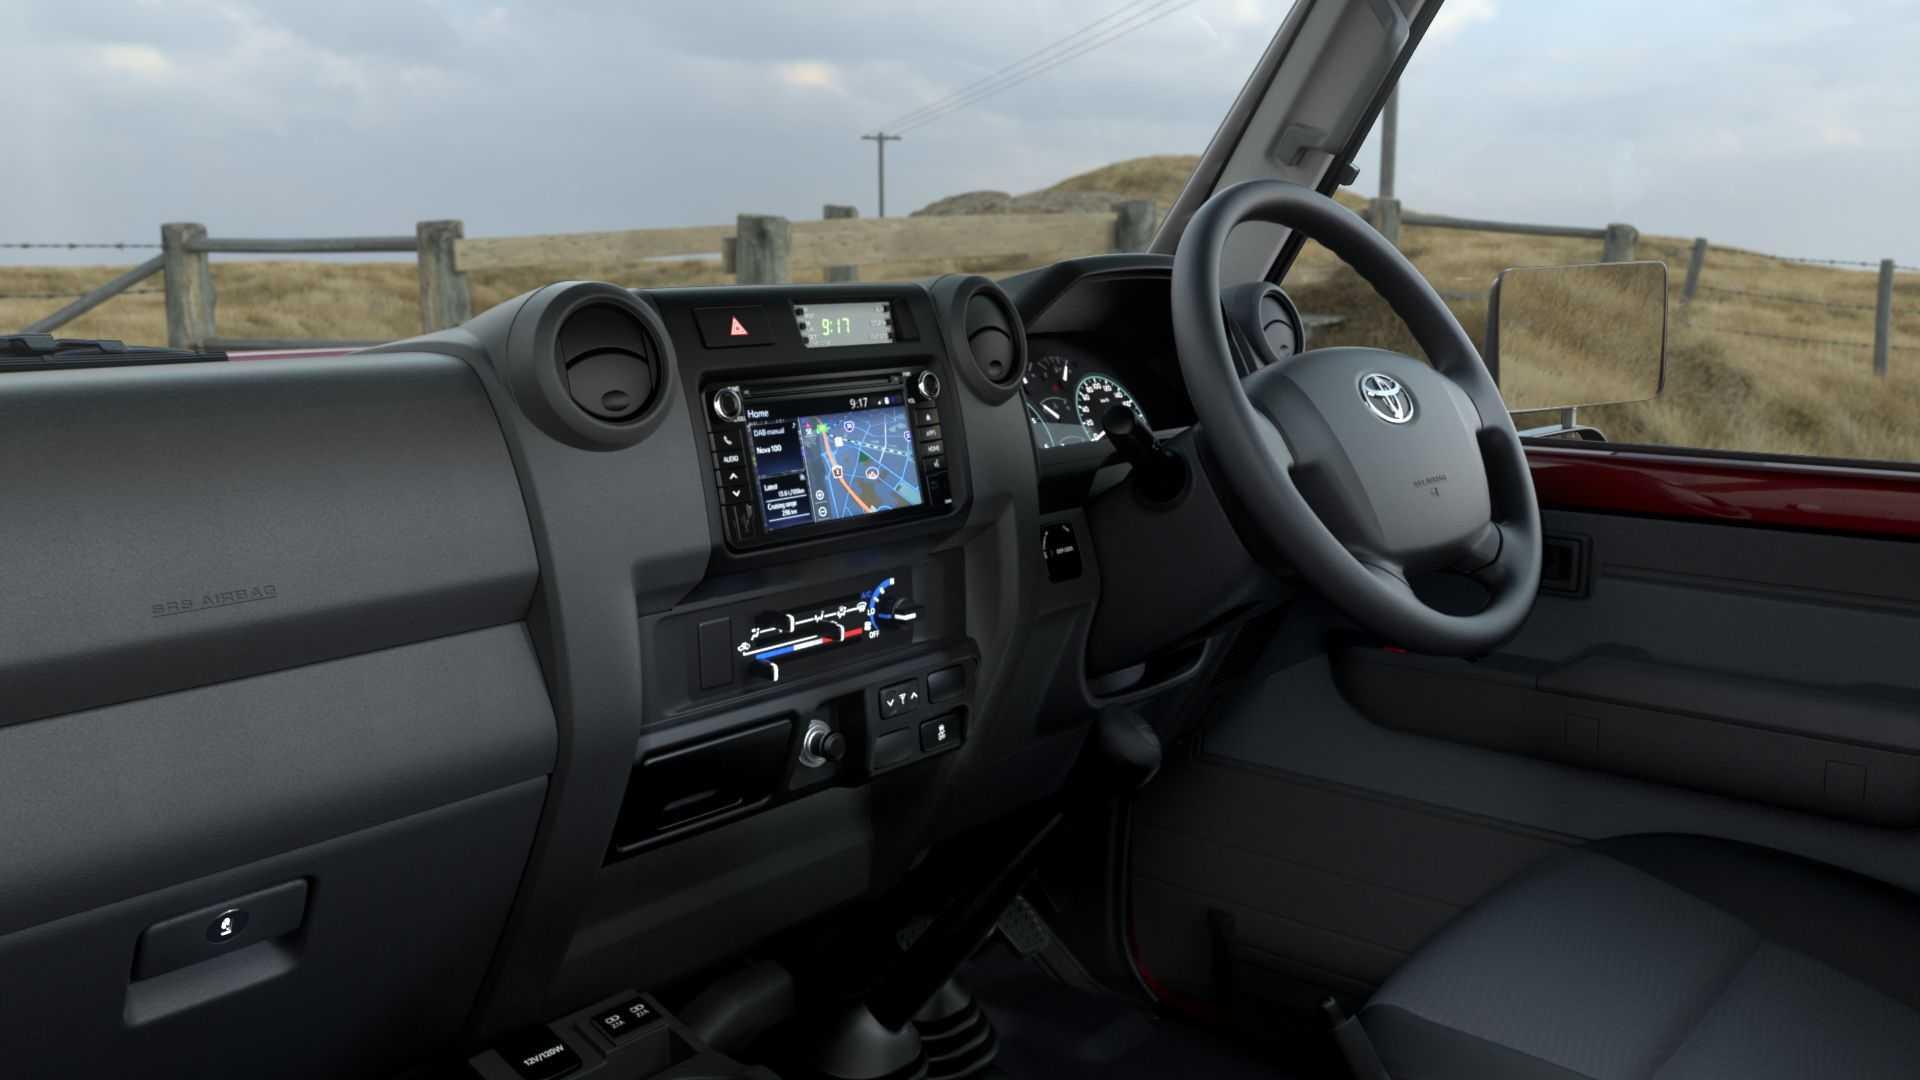 Toyota Land Cruiser 70 37 tuổi vẫn đang được sản xuất